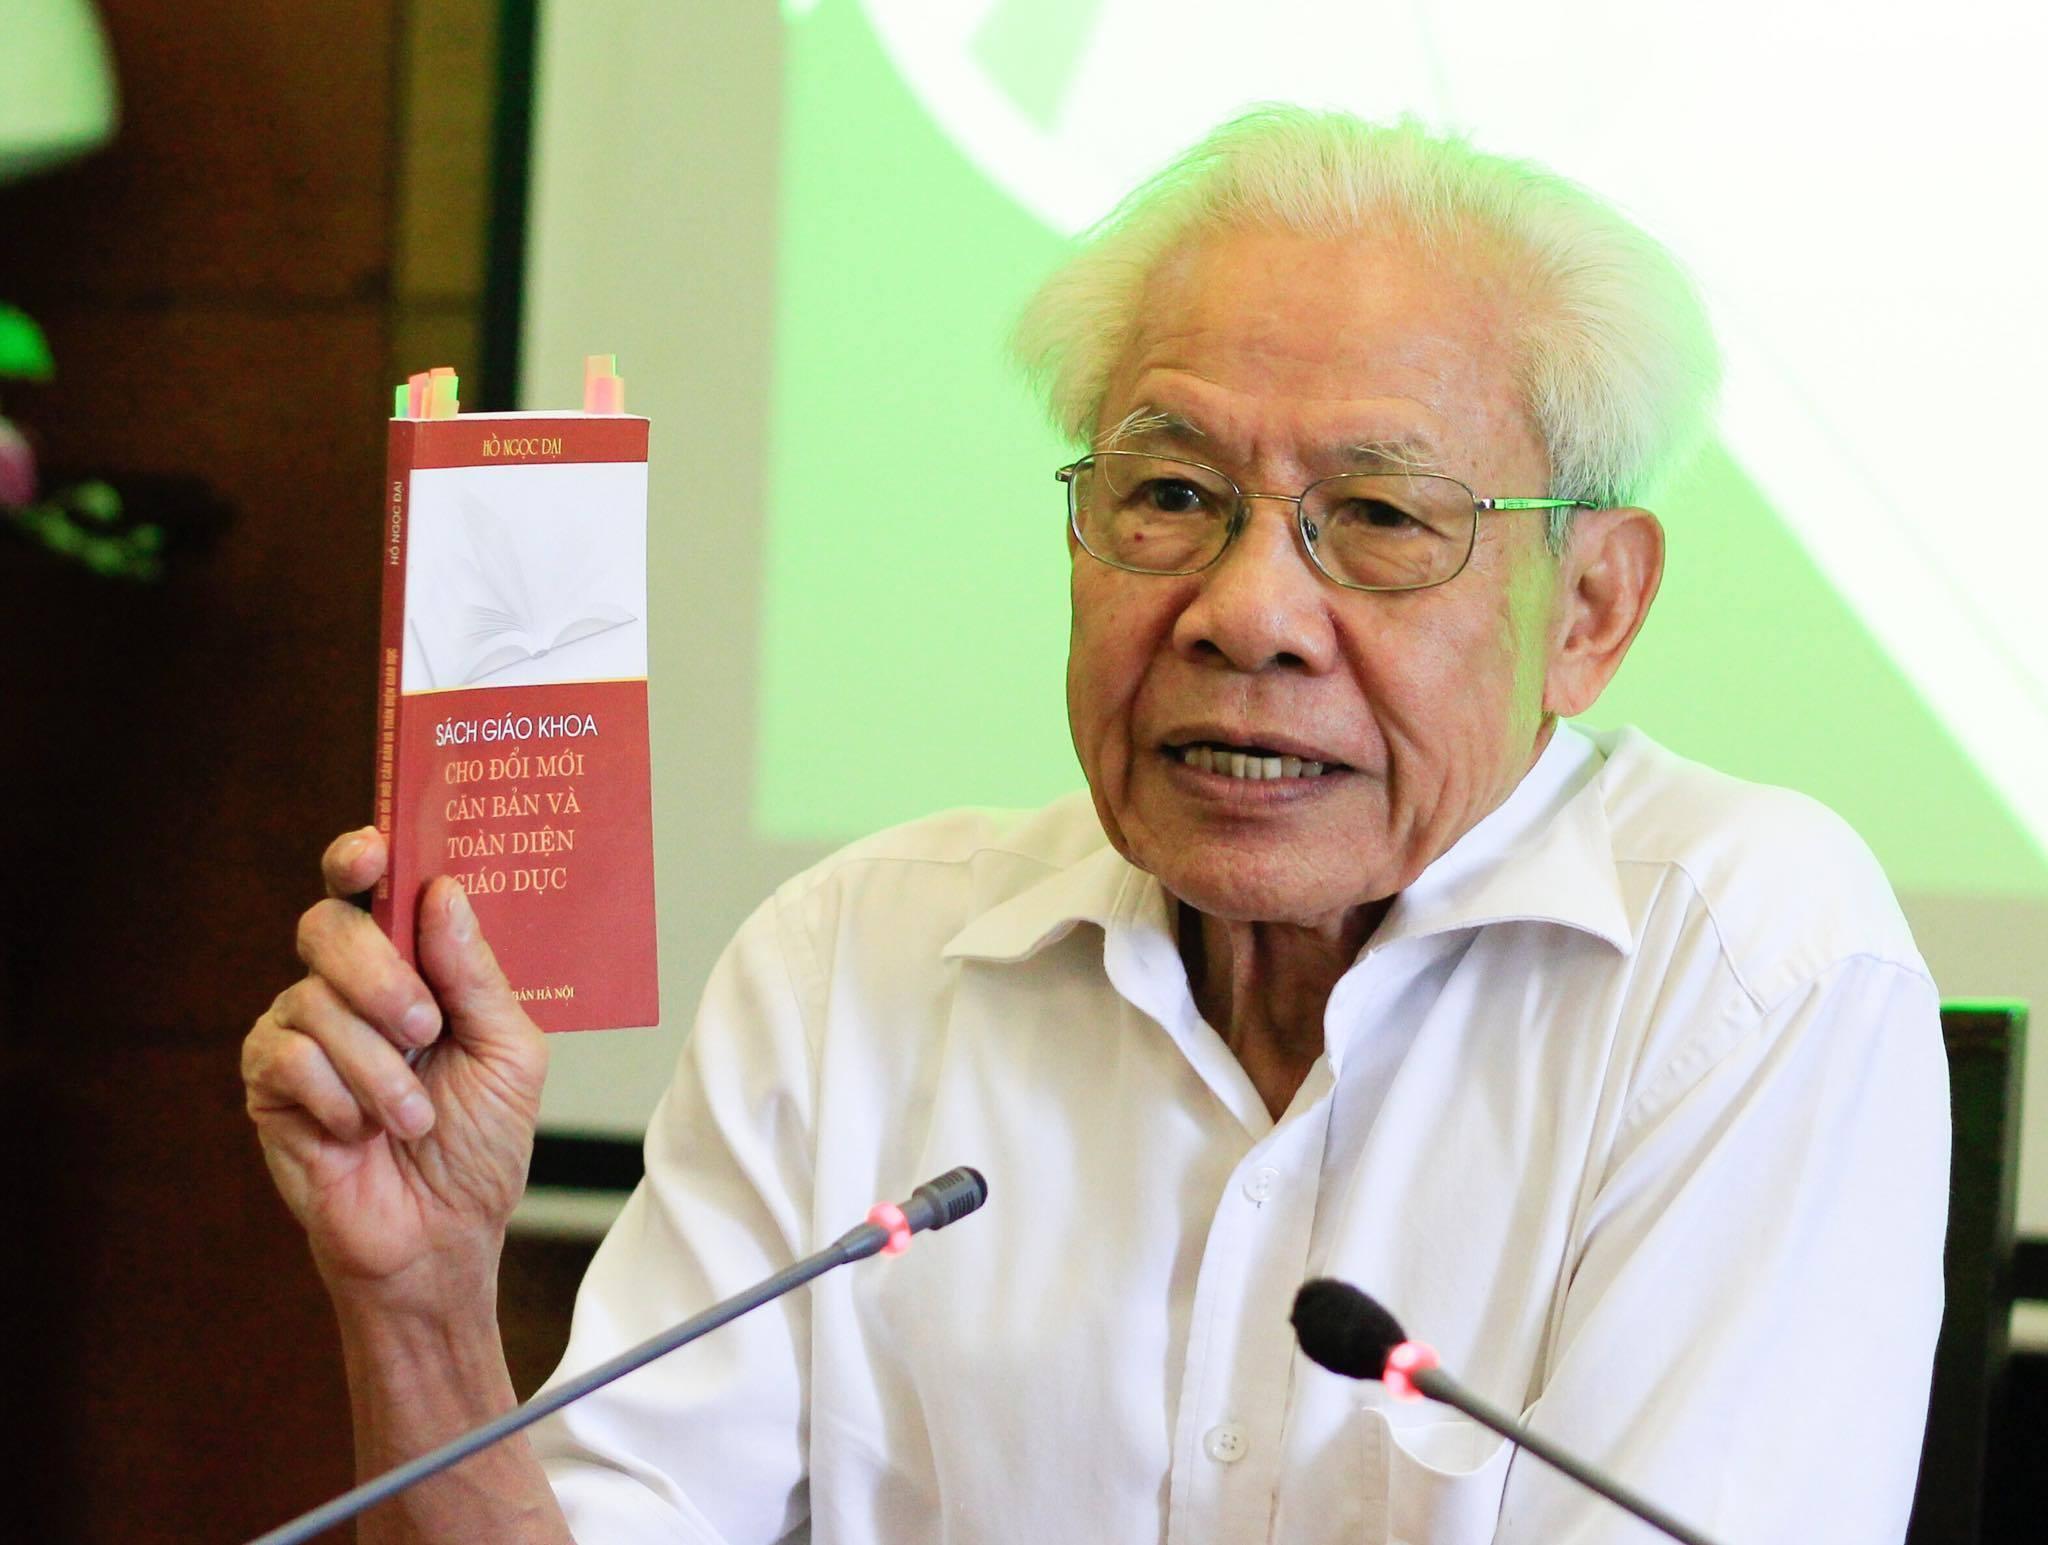 Thủ tướng yêu cầu rà soát lại thẩm định SGK, đánh giá lại chương trình thực nghiệm